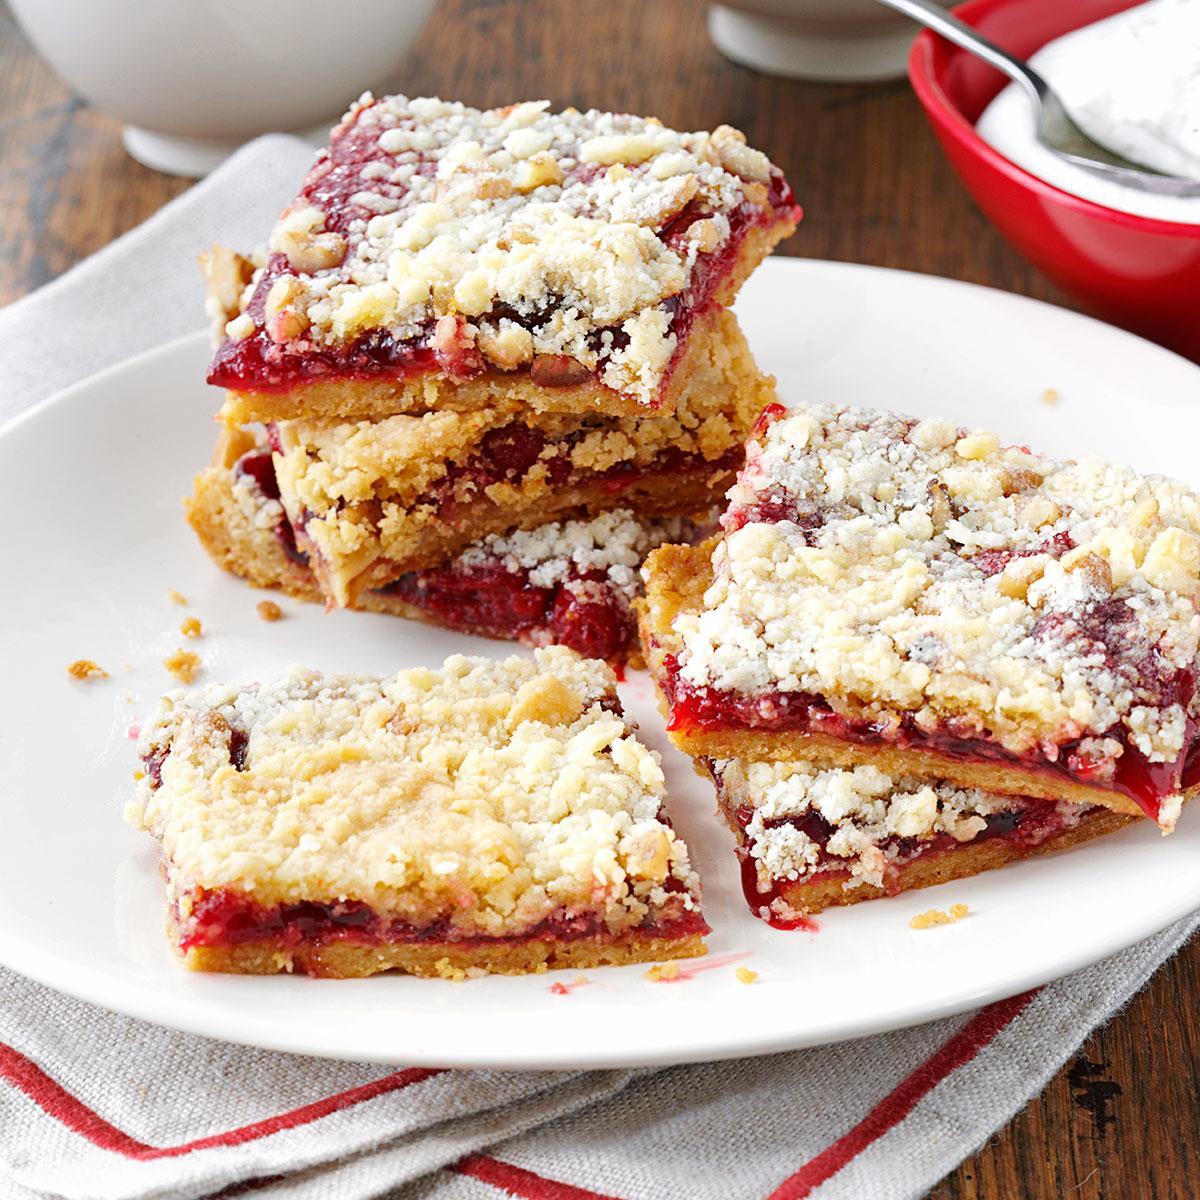 Cherry Crumb Dessert image